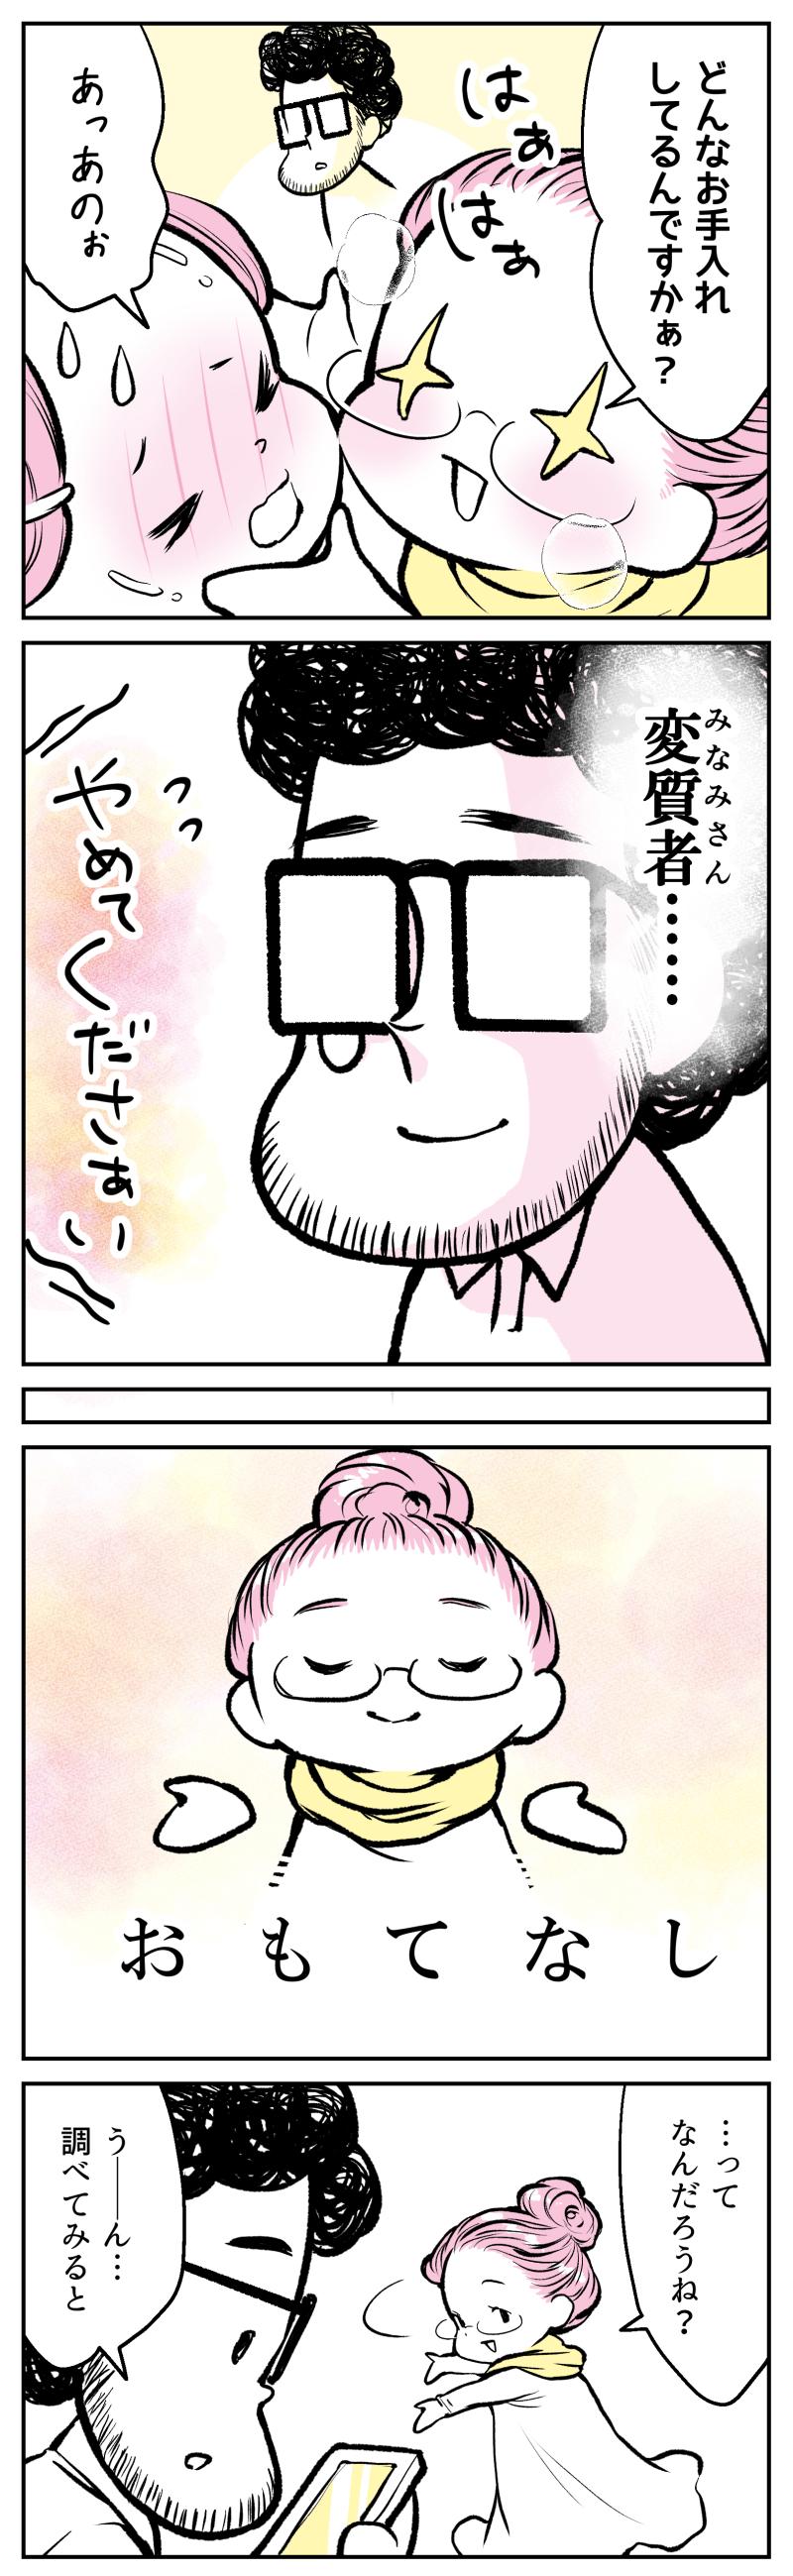 伯爵2話_008.jpg